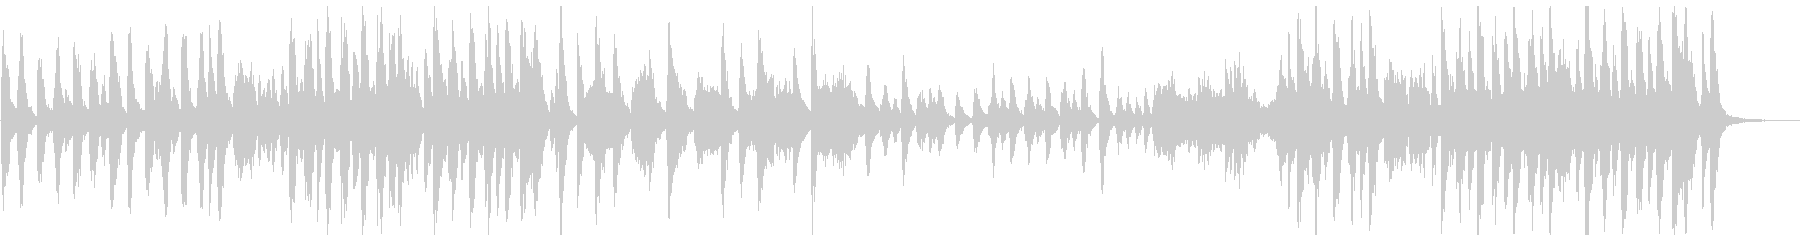 ブラックコミカル調のオーケストラ曲の未再生の波形